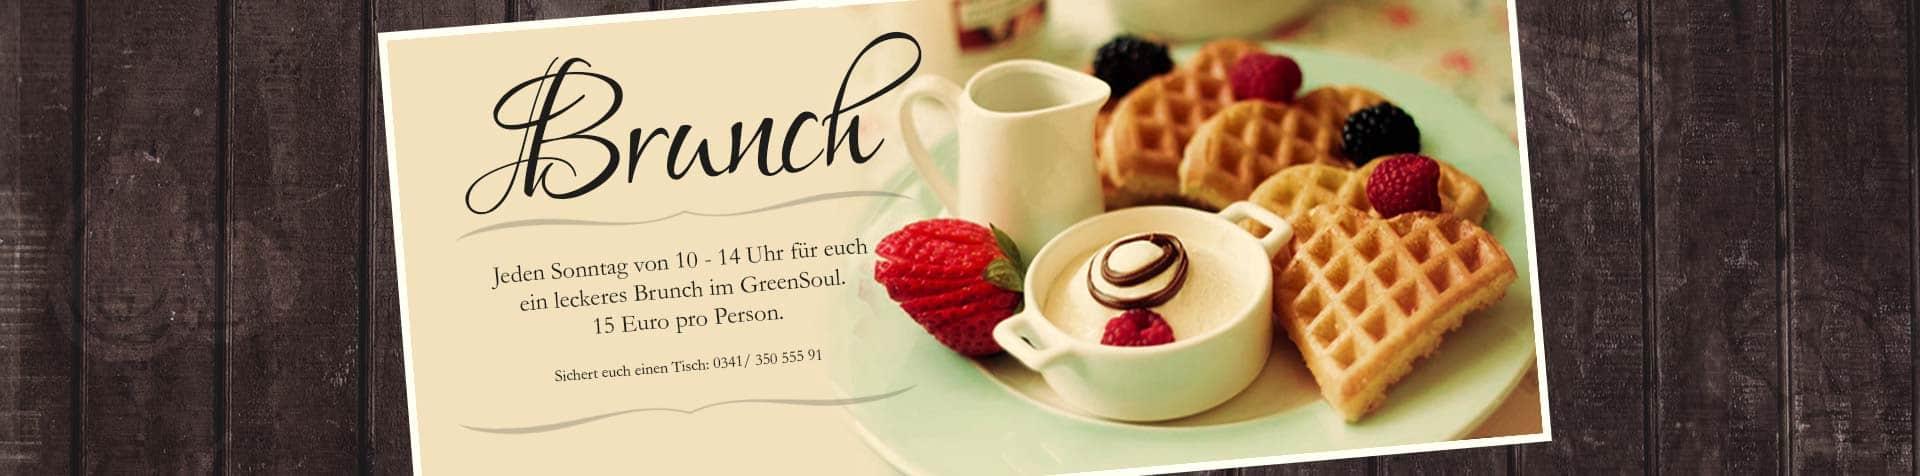 Veganes Brunch jeden Sonntag im GreenSoul - vegetarisch veganes Restaurant in Leipzig.